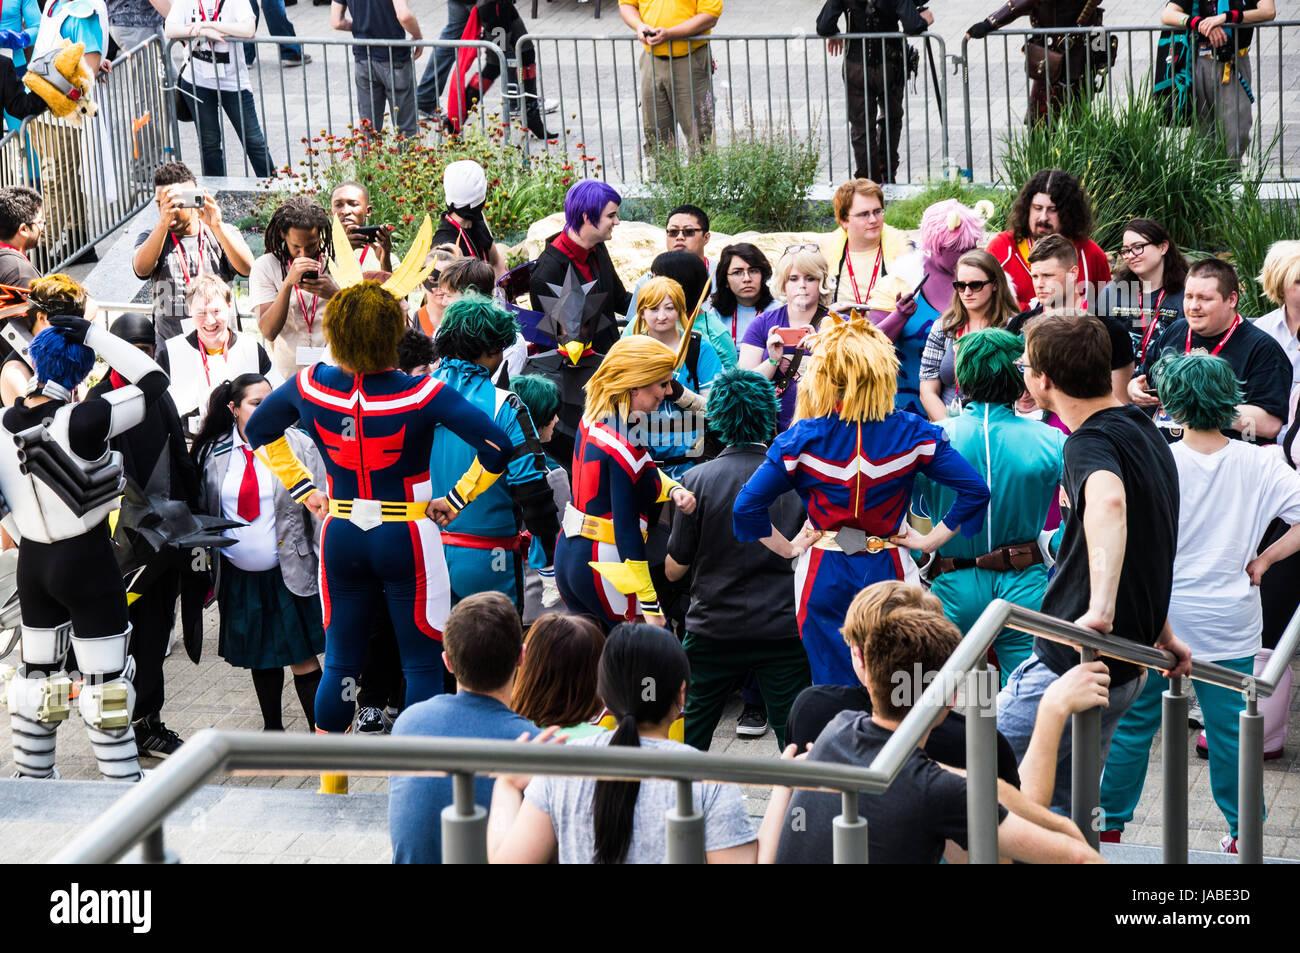 My Hero Academia cosplayers - Stock Image